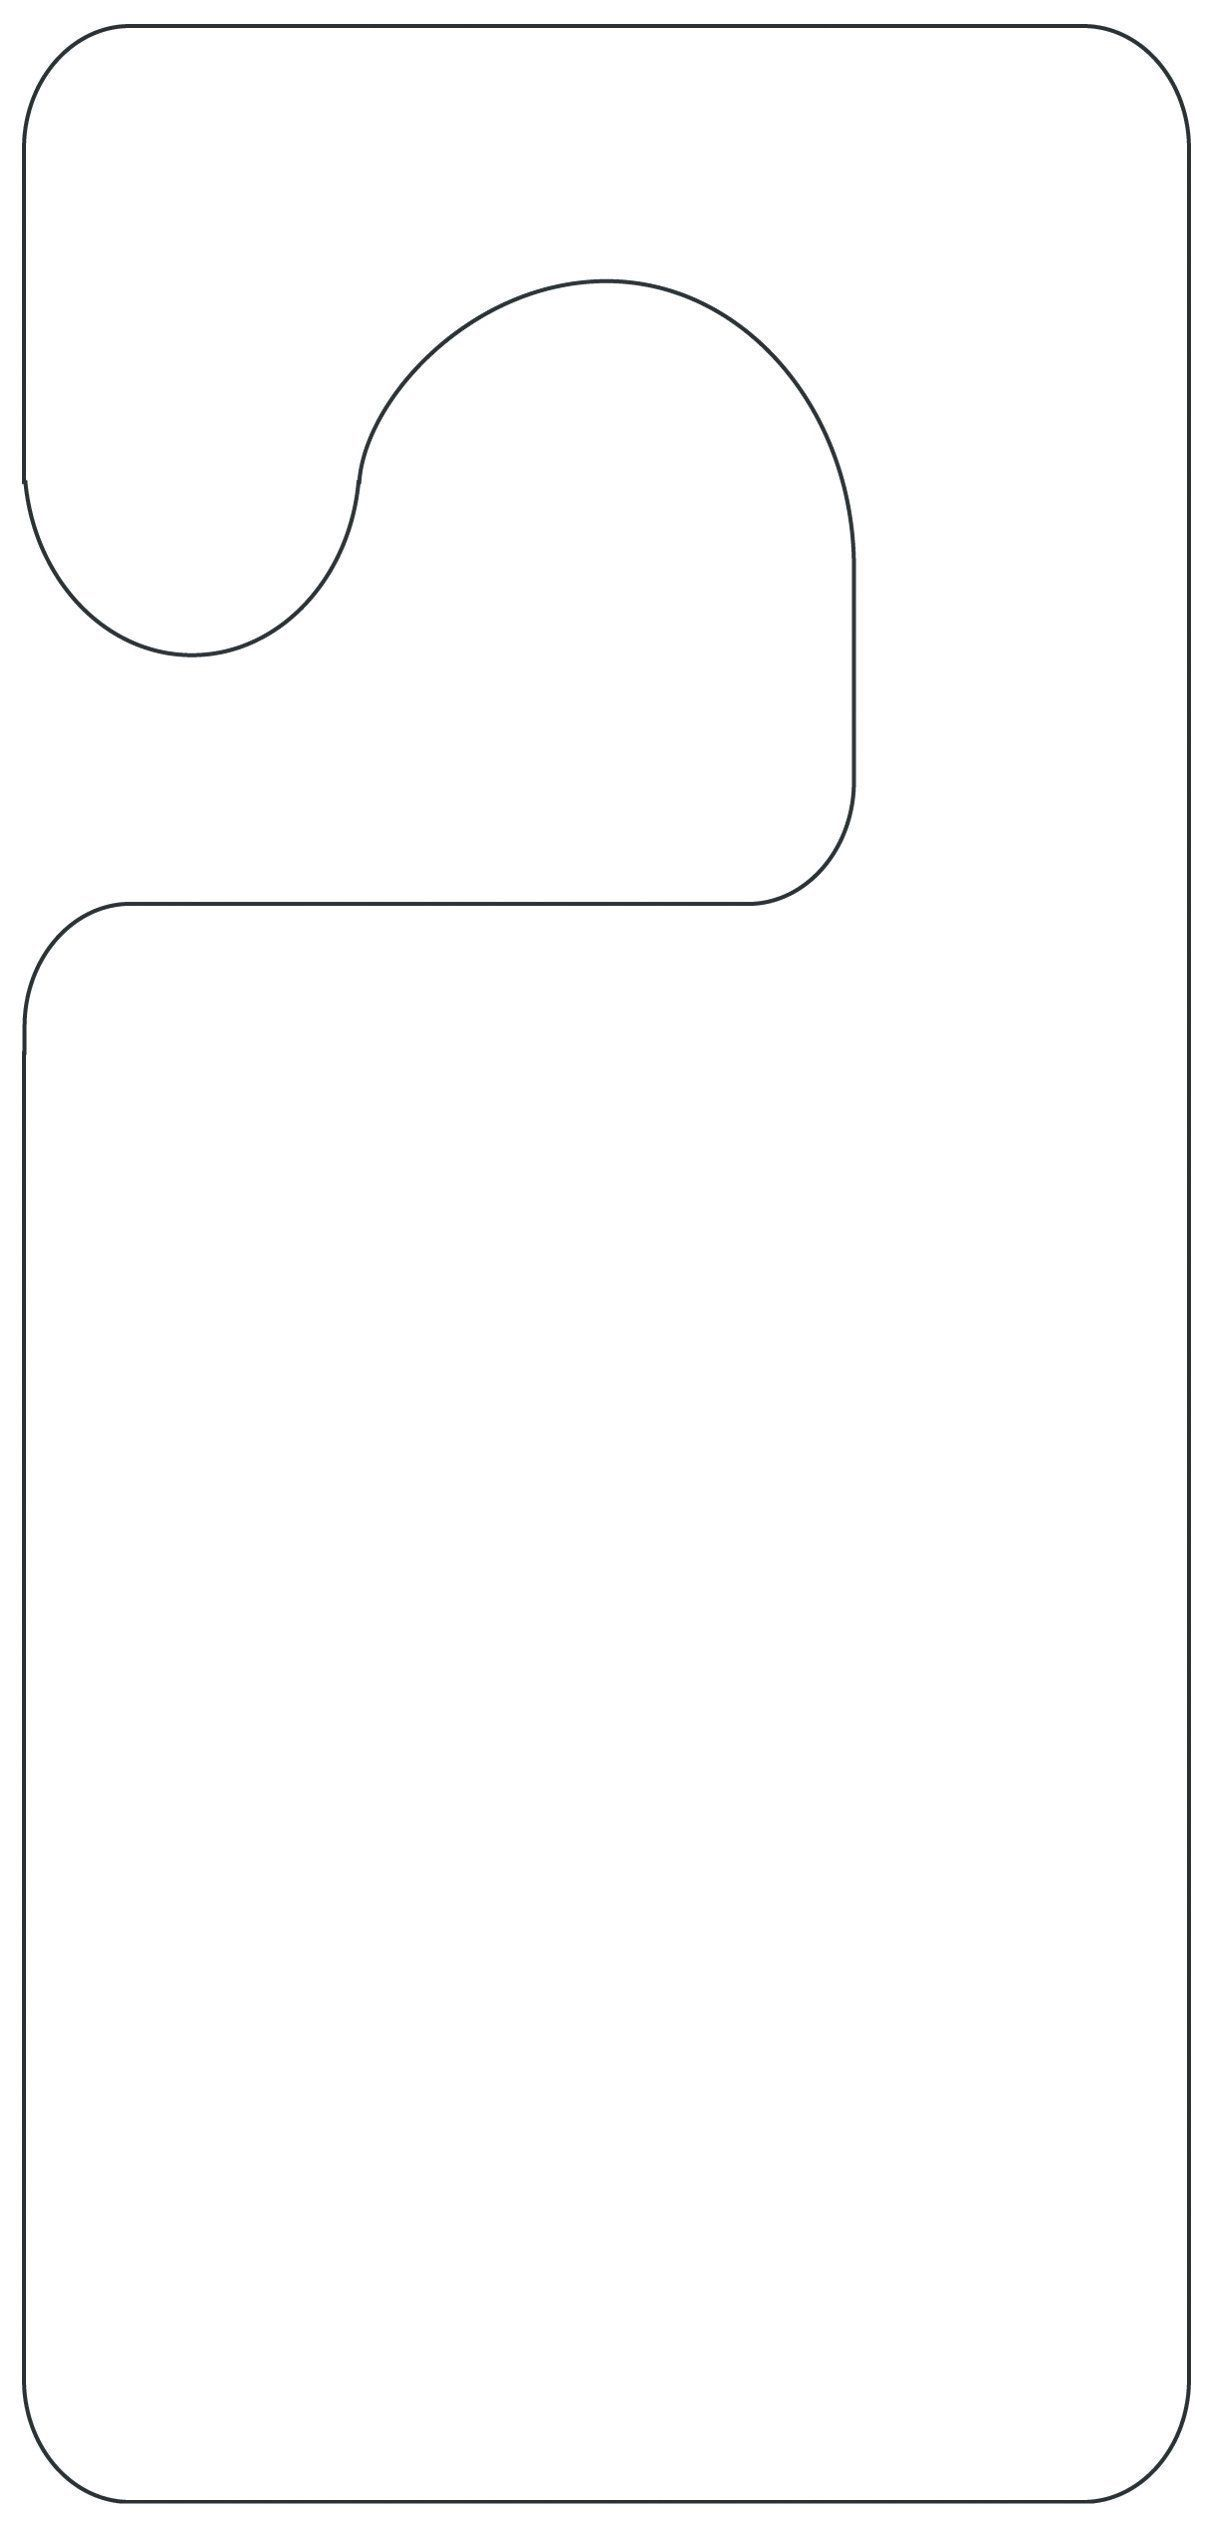 004 Unforgettable Blank Door Hanger Template Free Example Full